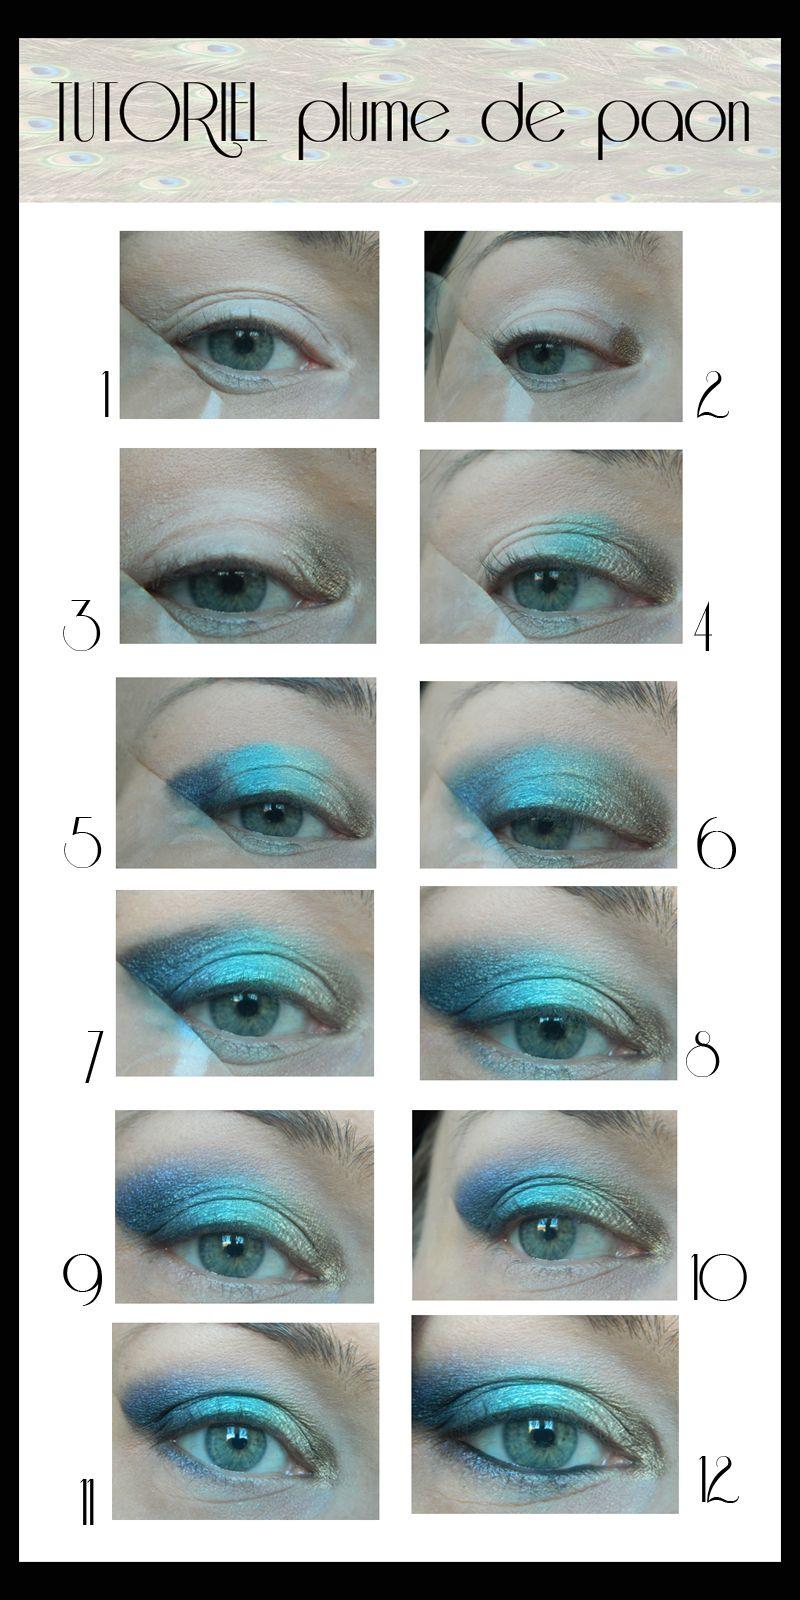 jenni dans tous ses états: Tuto makeup : Les yeux du paon